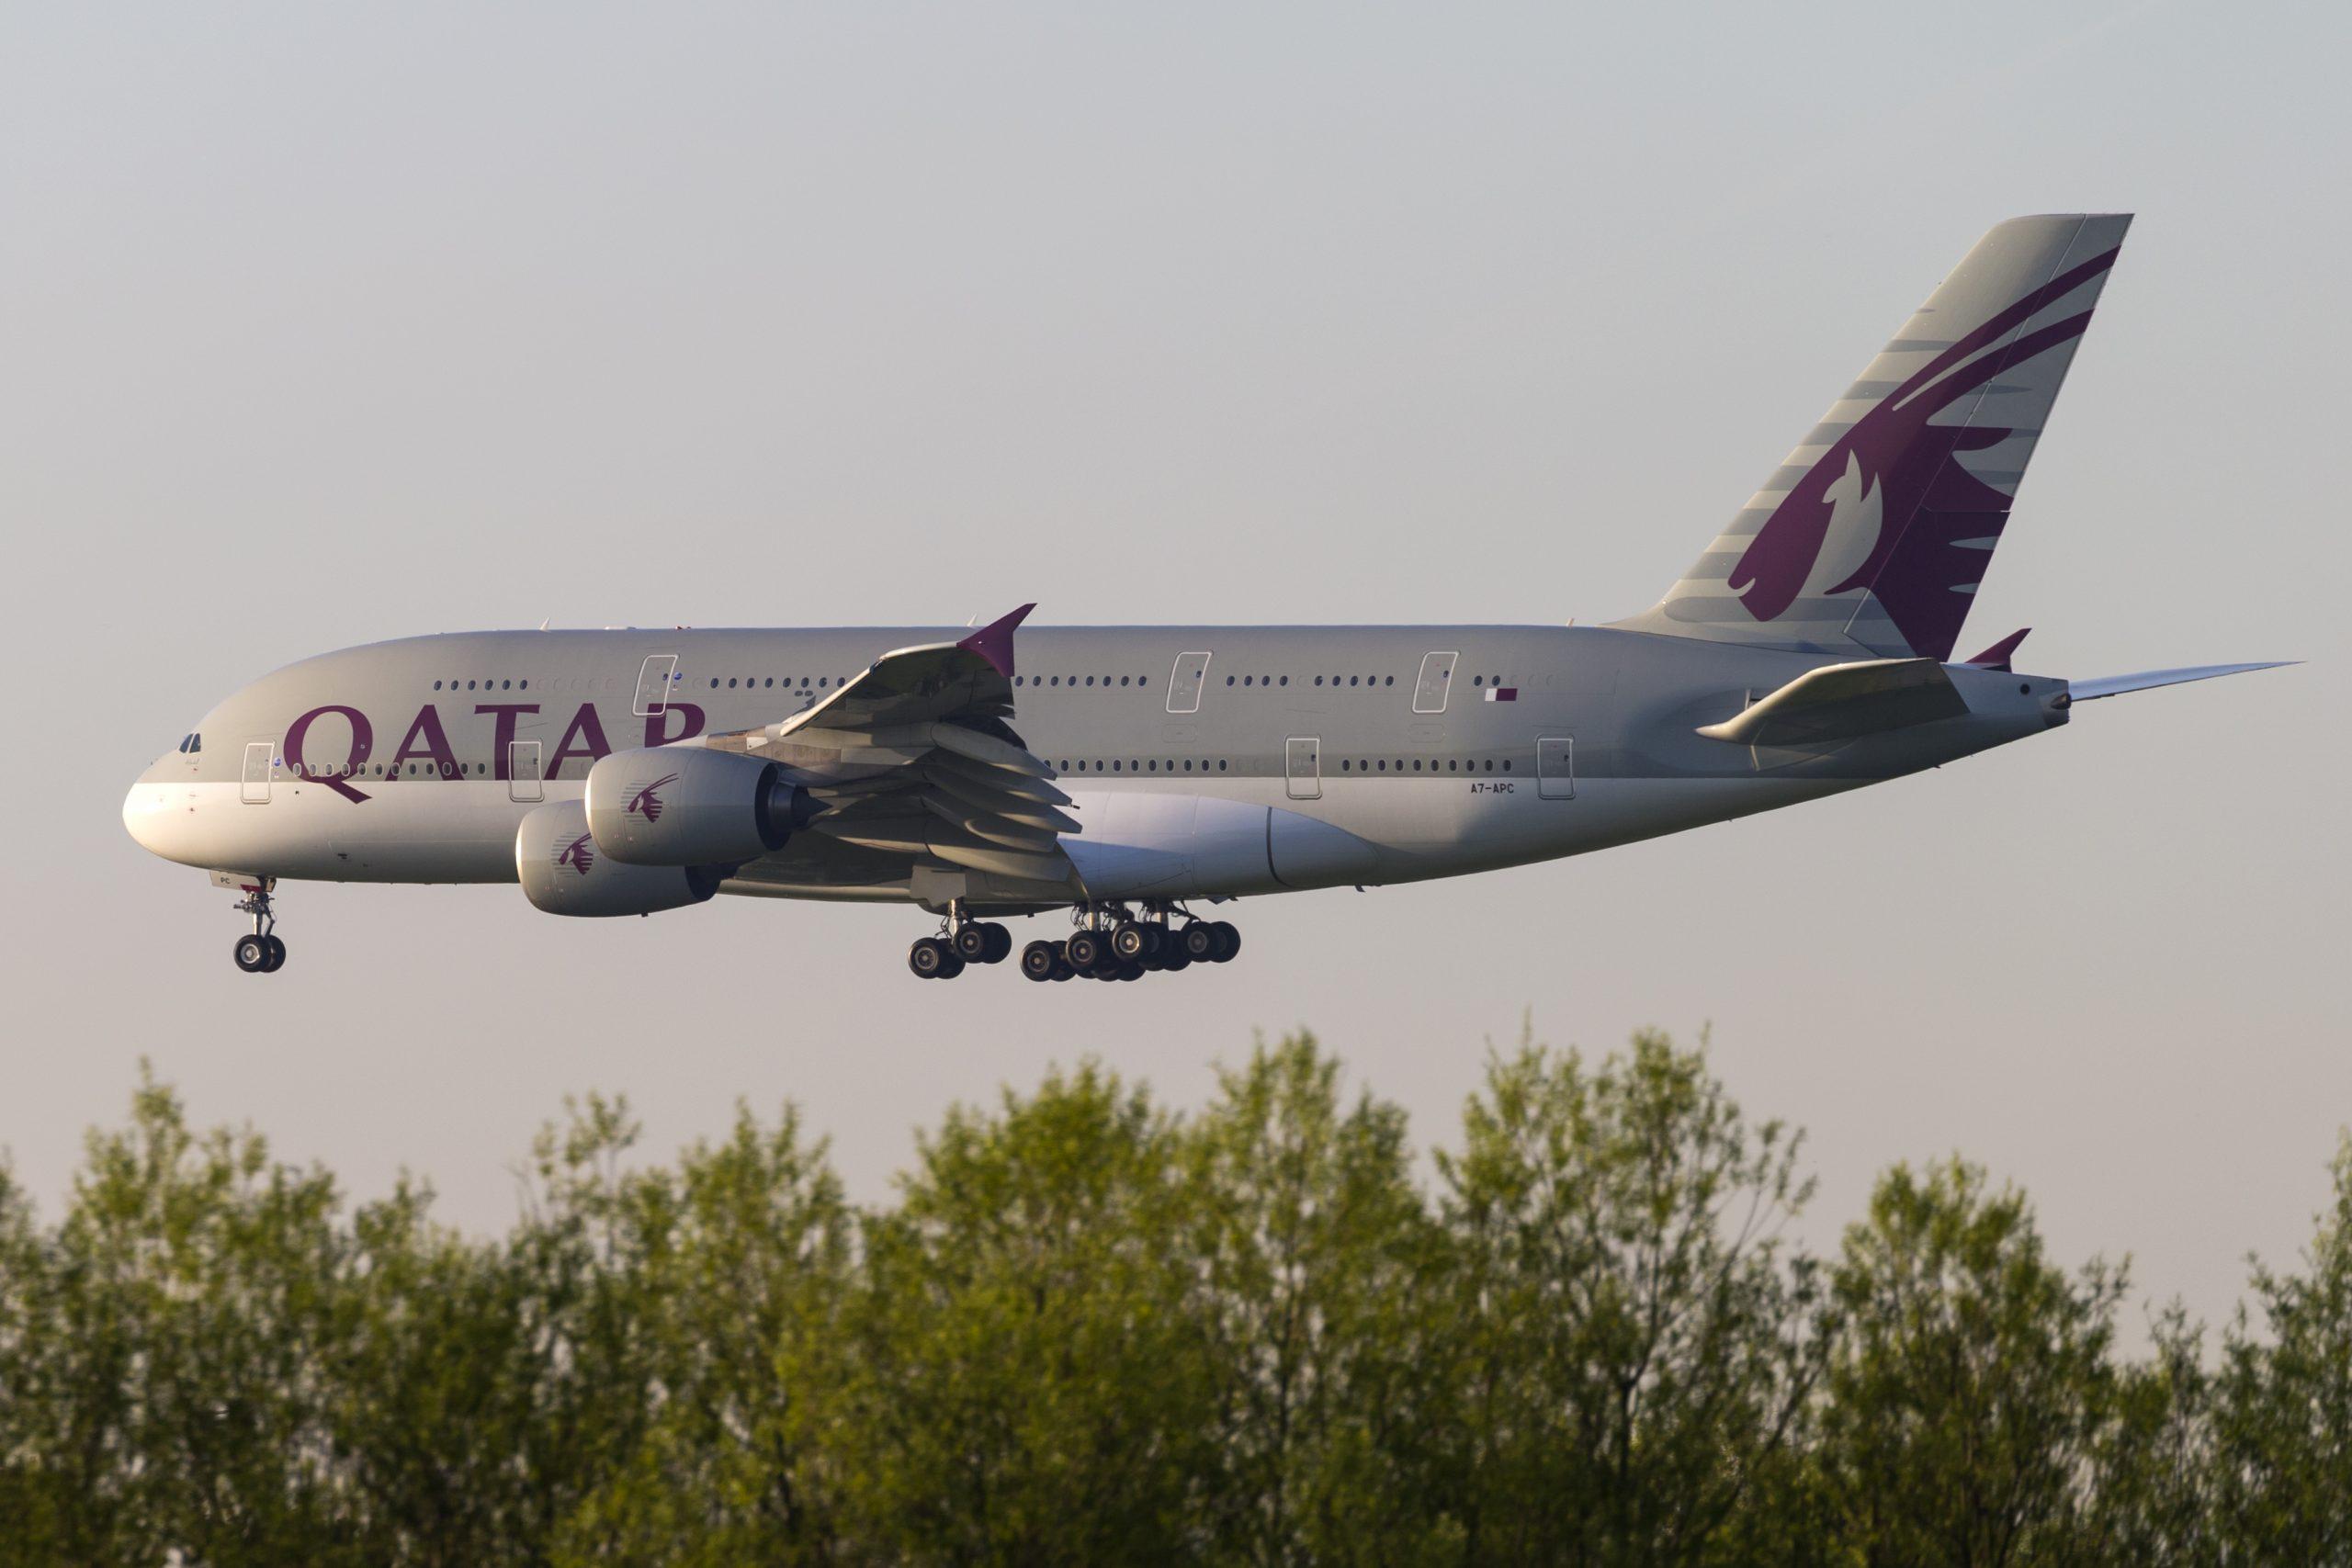 En Airbus A380-800 fra Qatar Airways. Foto: © Thorbjørn Brunander Sund, Danish Aviation Photo